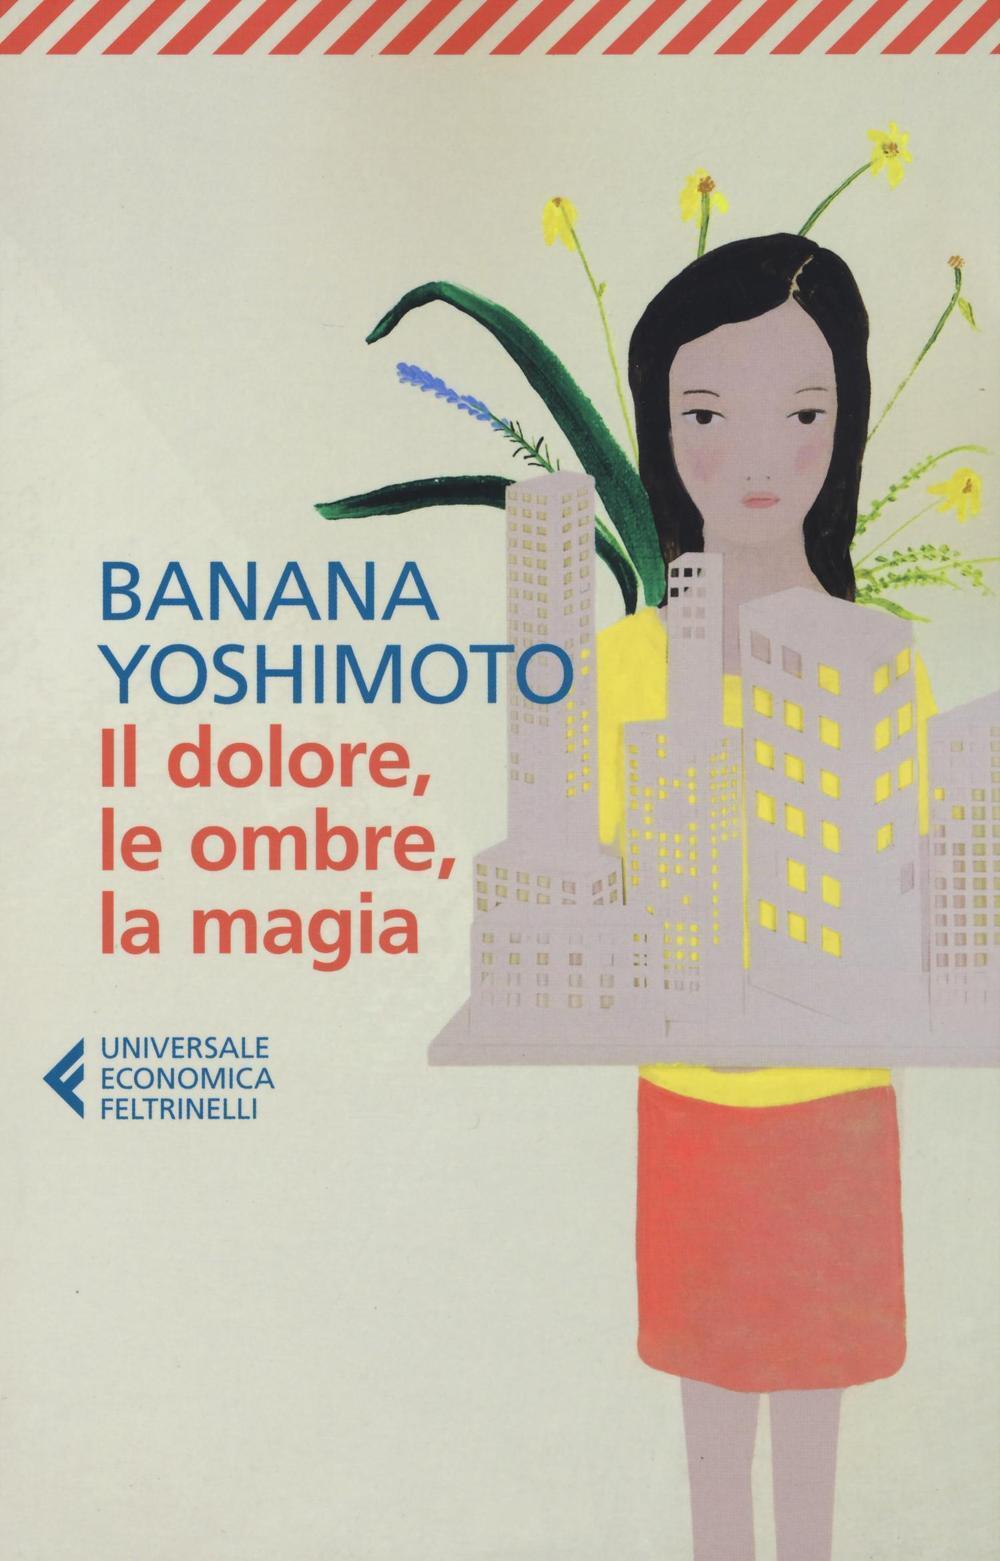 Il dolore le ombre la magia il regno vol 2 banana - Il giardino segreto banana yoshimoto ...